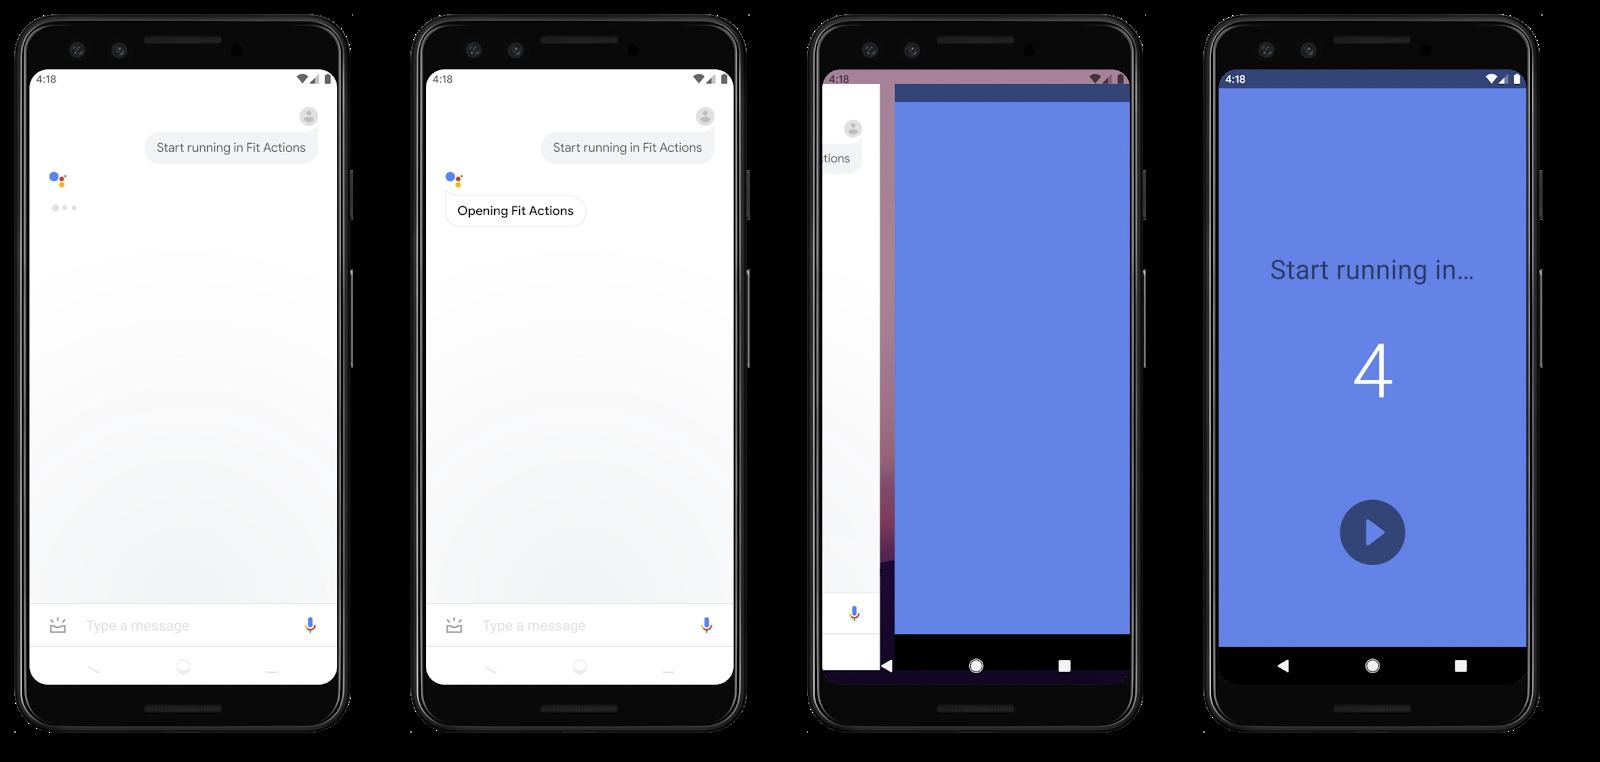 4 个进程屏幕,其中显示的是 Google 助理在应用中启动跑步跟踪程序的过程。